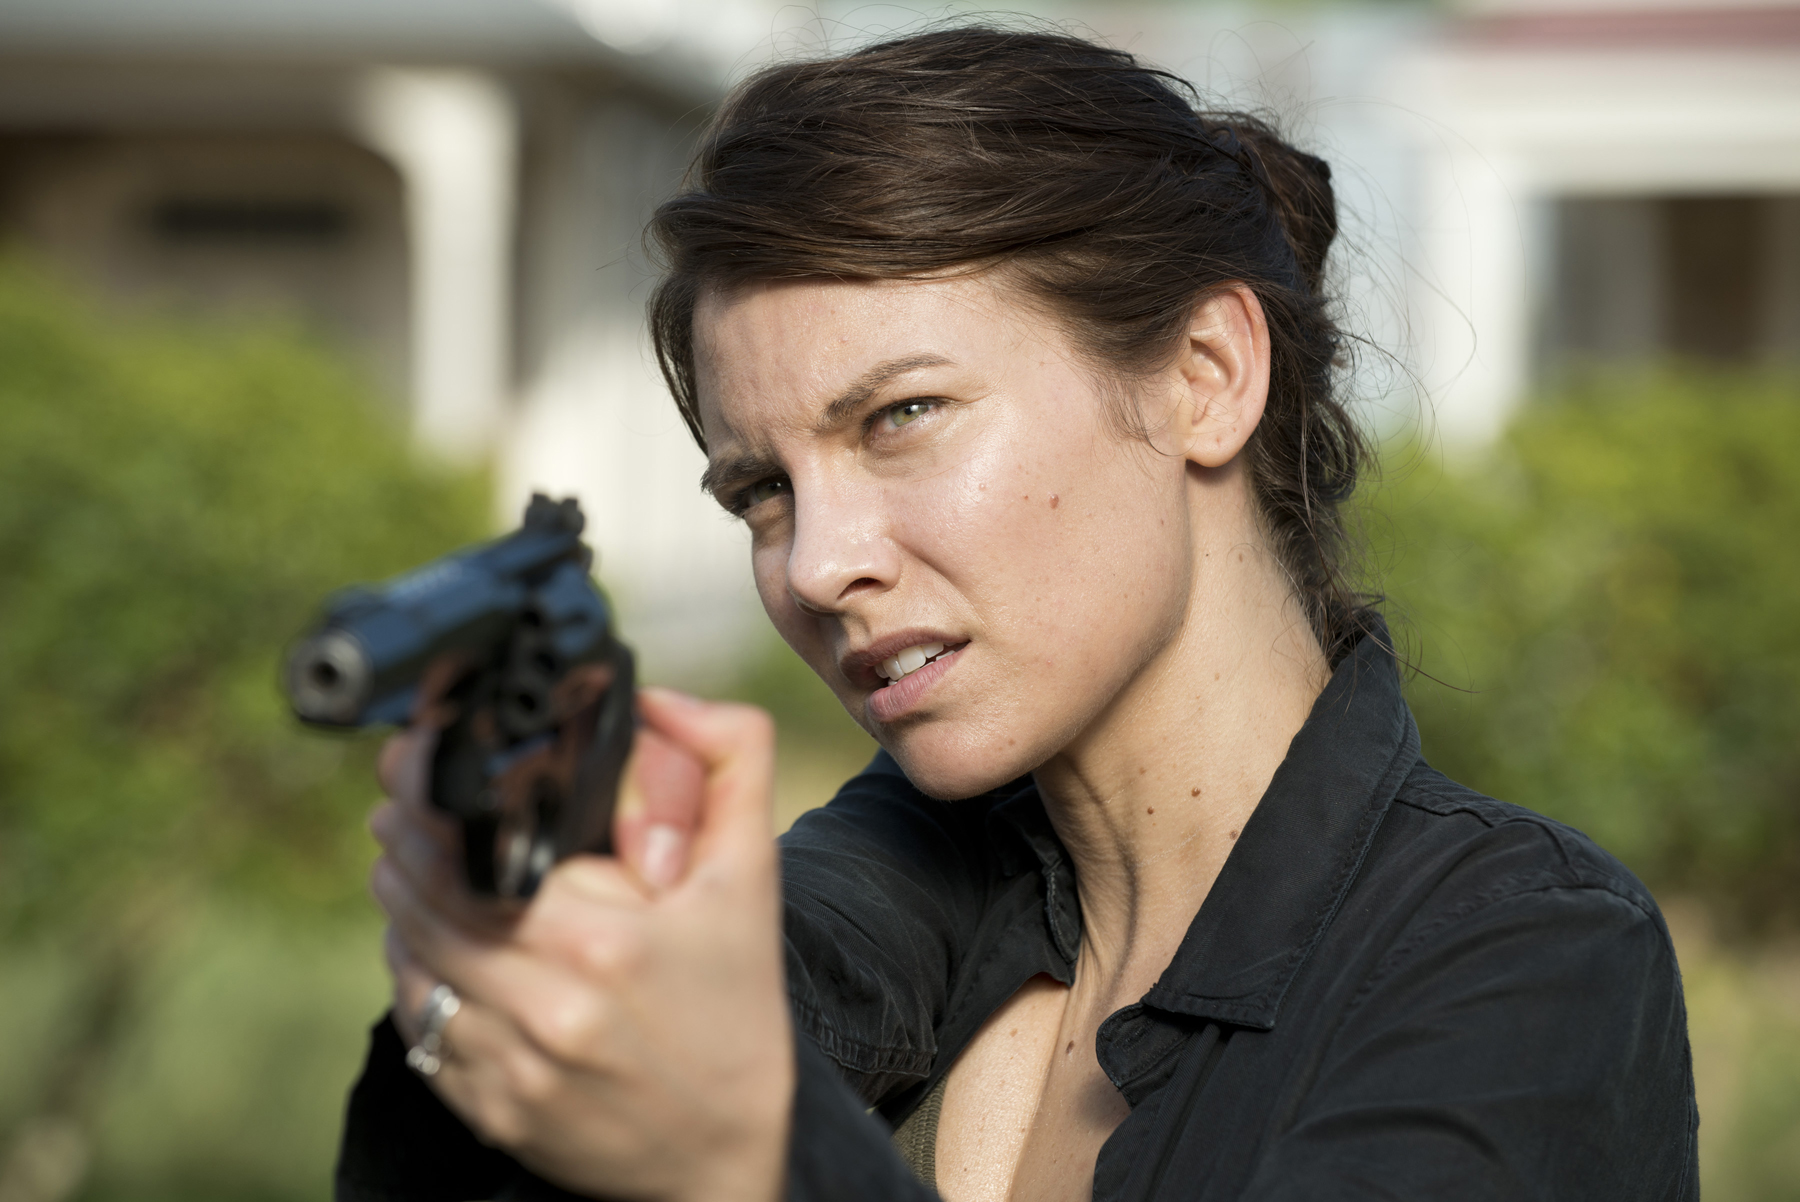 The Walking Dead, Staffel 6, Eps. 02, Ausstrahlung 19.10.2015 auf FOX, 21.00 Uhr © Gene Page/AMC